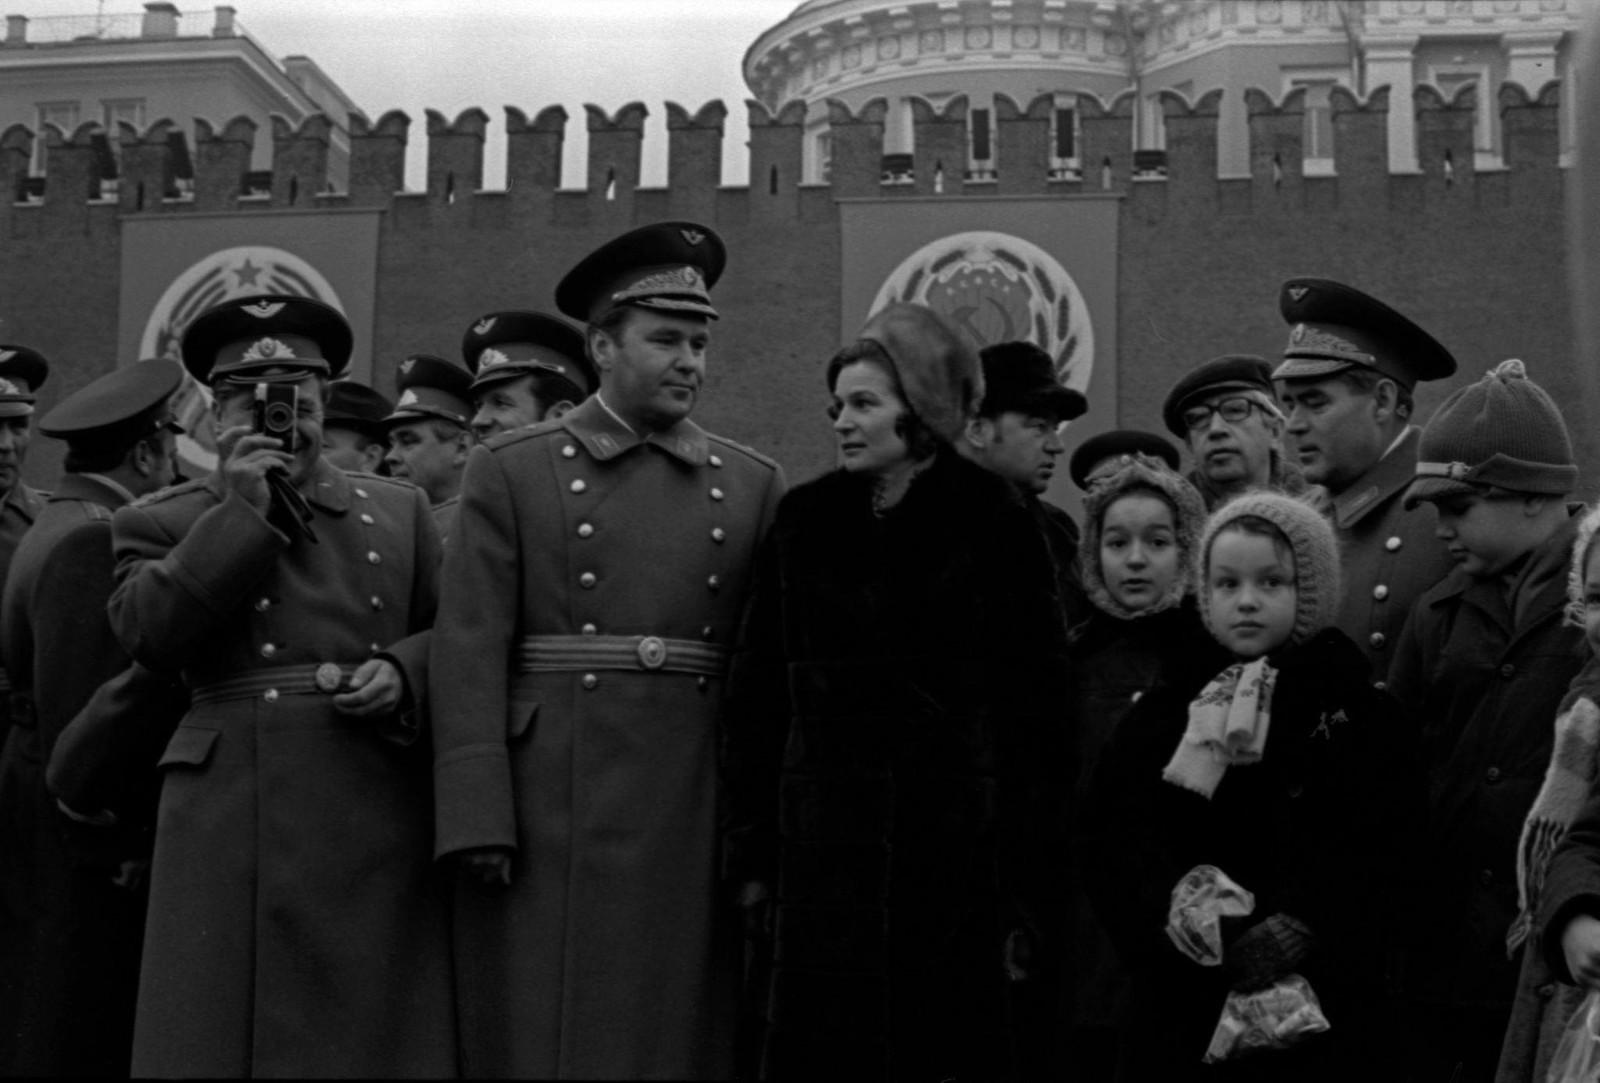 1975. Валентина Терешкова, Георгий Гречко, Андриян Николаев, Владимир Шаталов на Красной площади